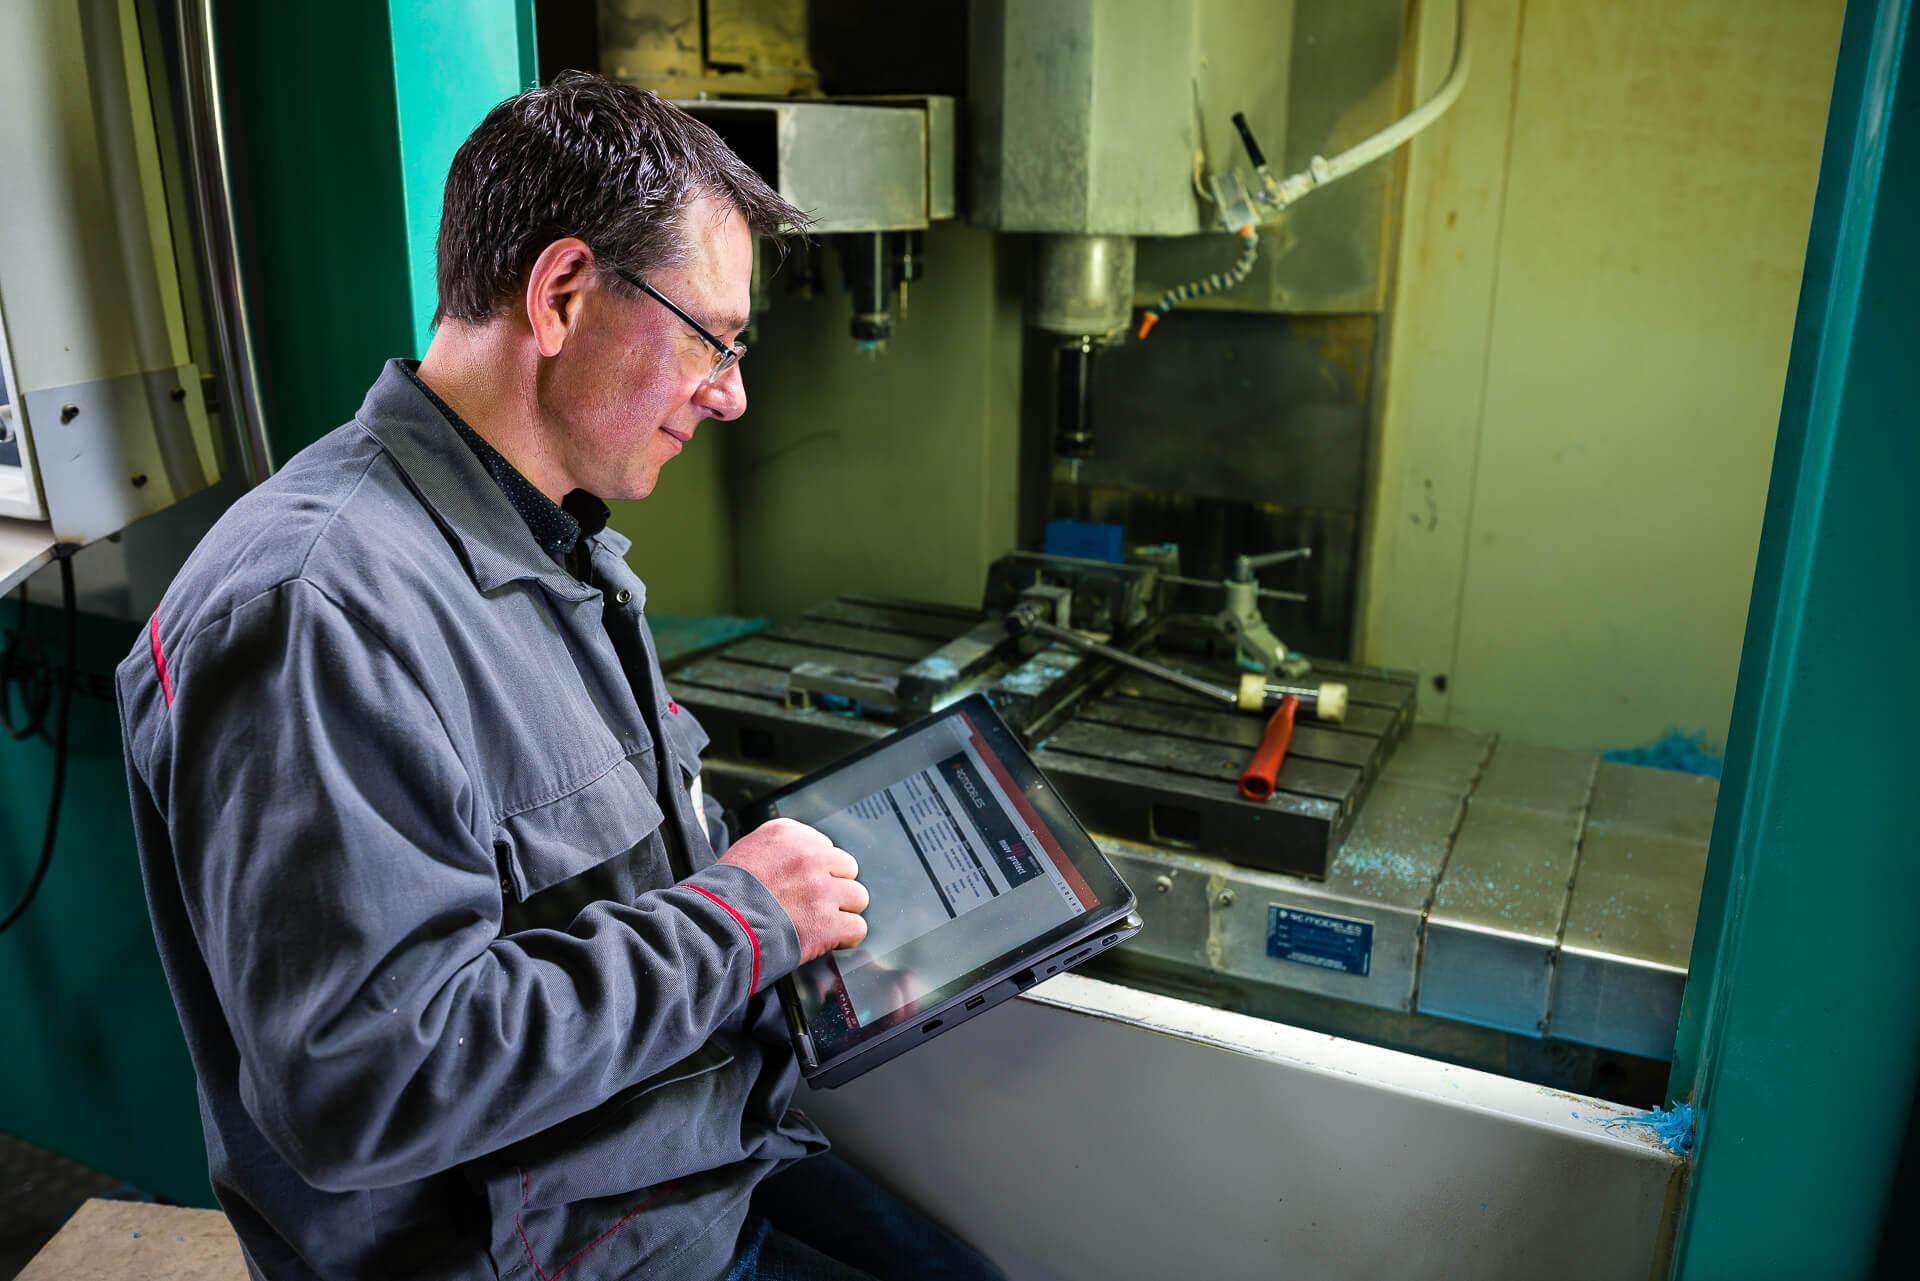 Des-outils-mobiles-pour-les-opérations-de-terrain - The WIW - Solutions pour l\'industrie 4.0